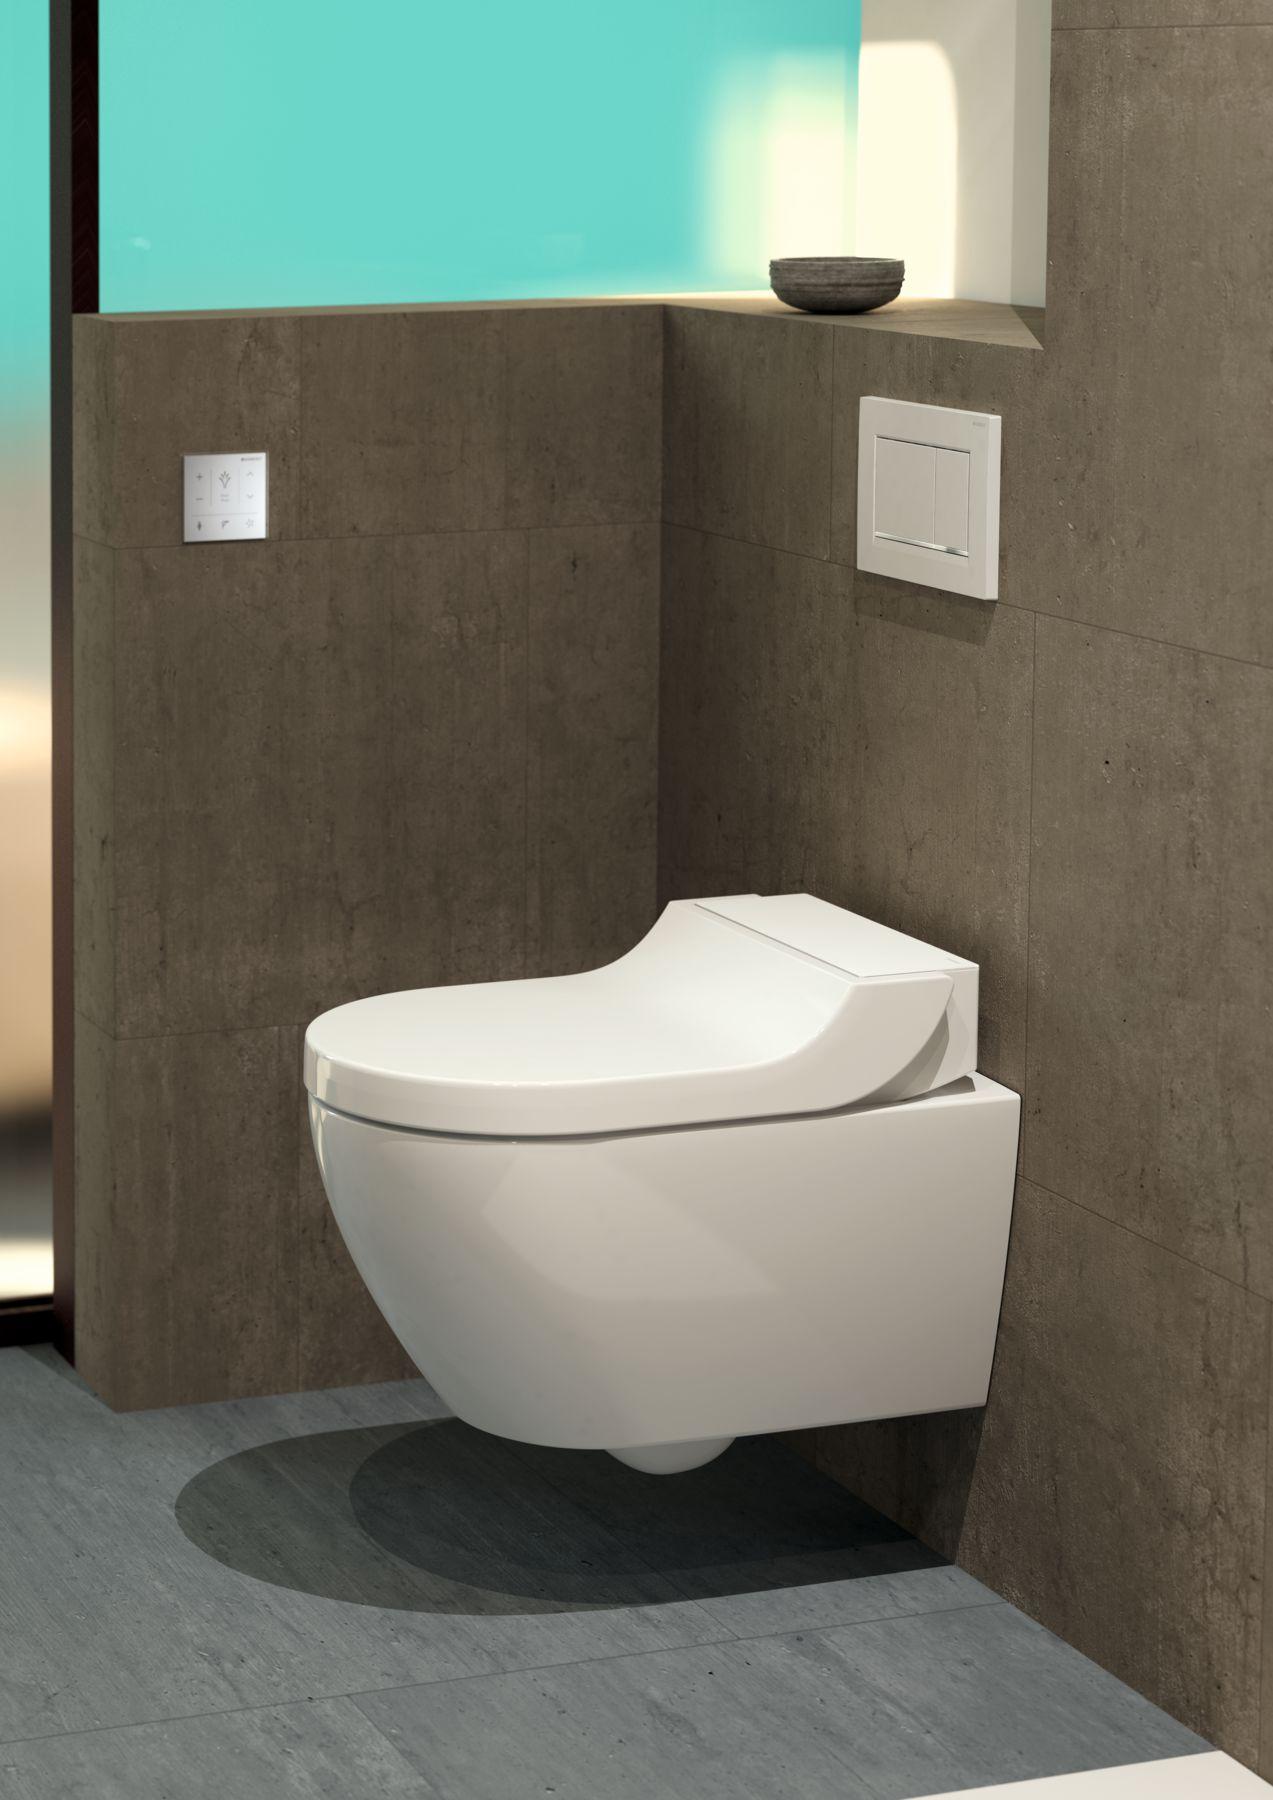 Geberit AquaClean Tuma nabízí překvapivě všestranné řešení vhodné pro každou koupelnu.